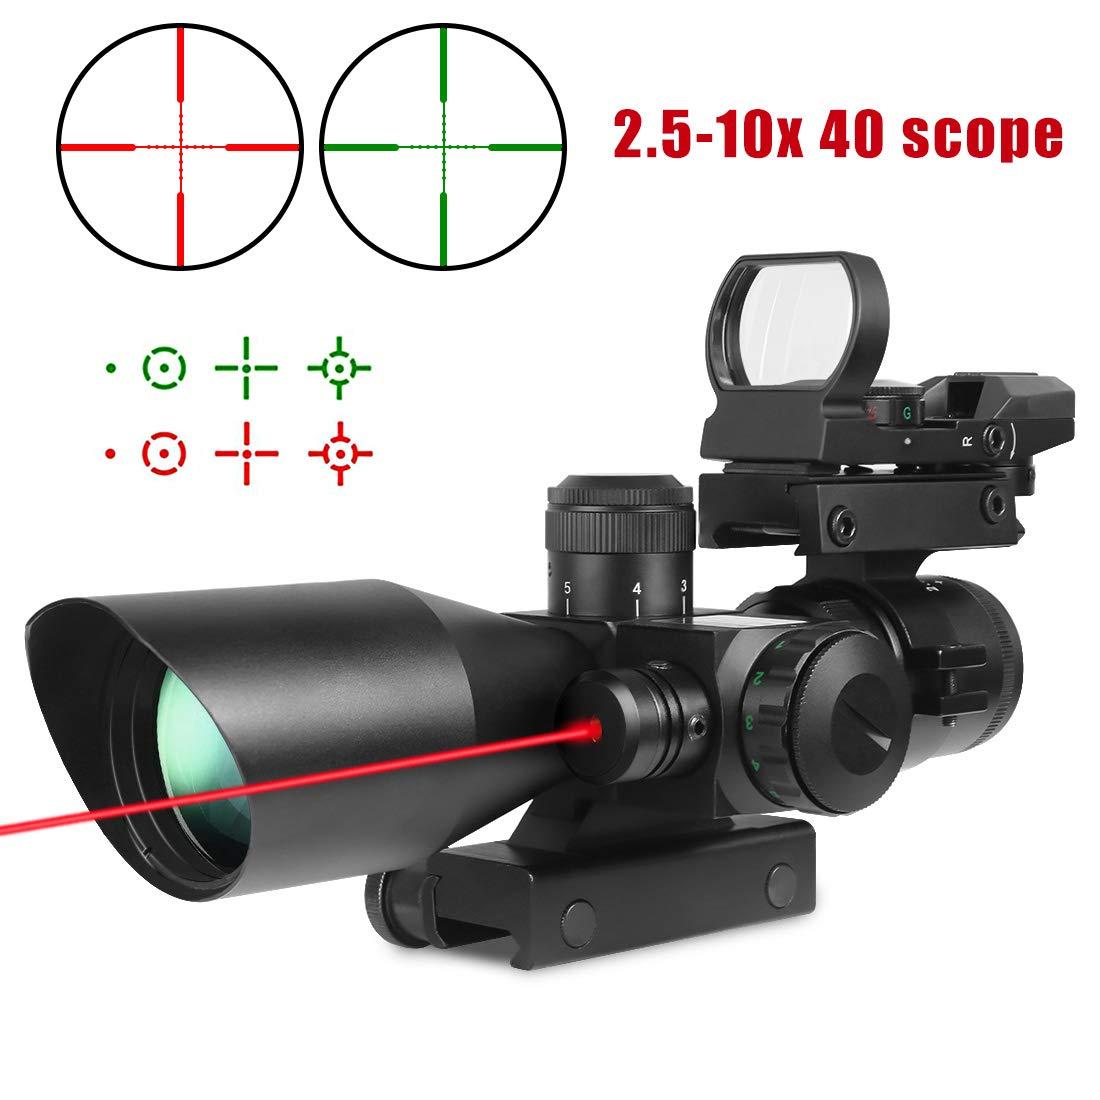 Twod Rifle Scope 3 in 1 2.5-10x40 Sight Red Laser Rail Mount+4 Reticle R&G Dot Open Reflex Sight w/Weaver-picatinny Rail Mount+scope Barrel Mount